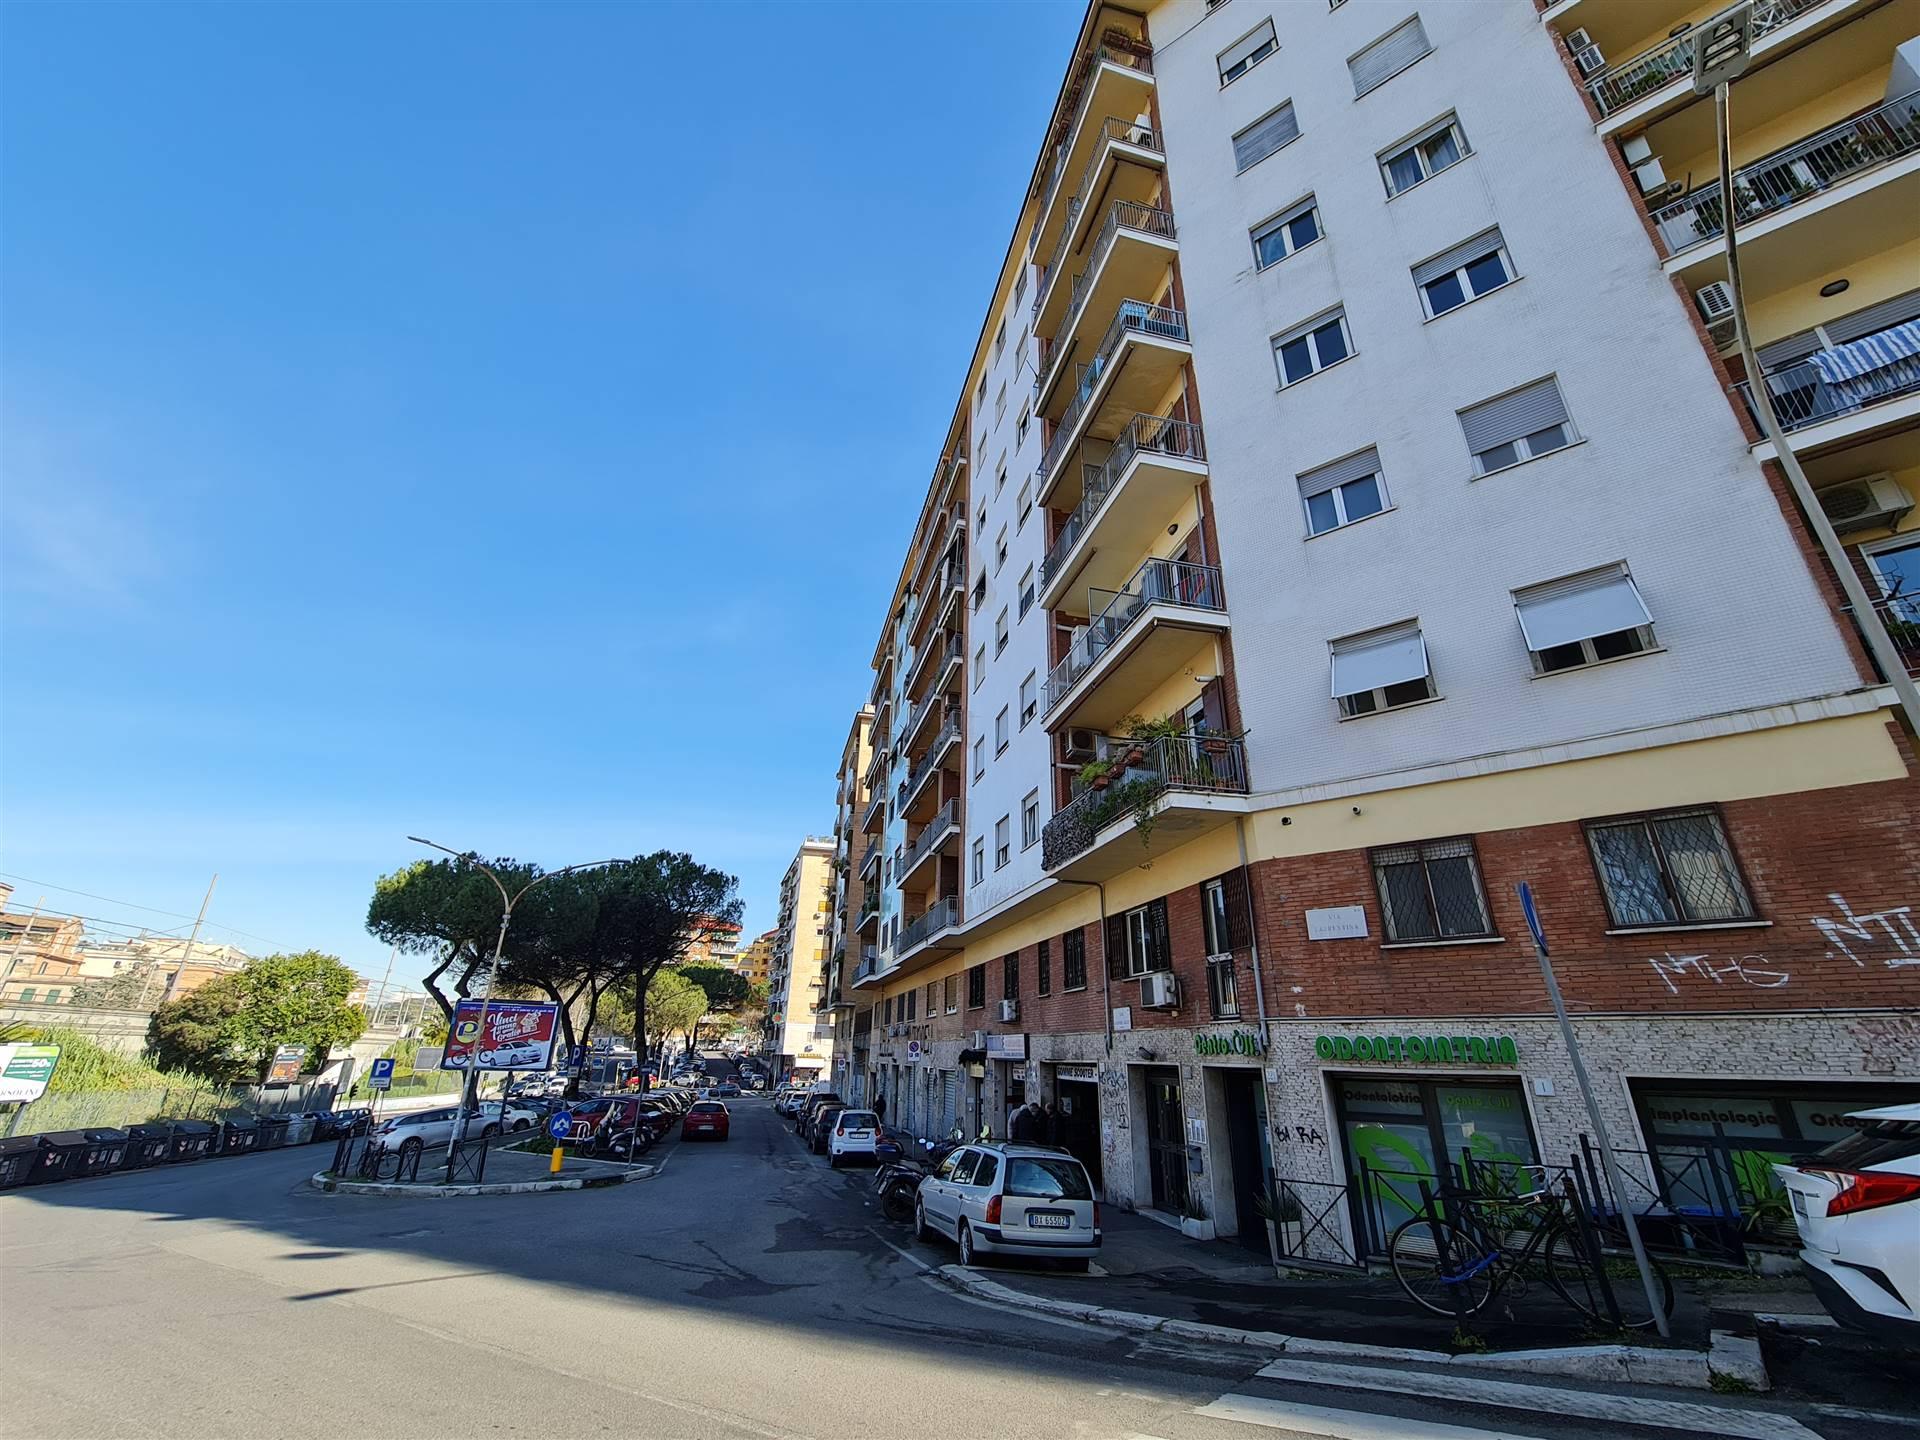 OSTIENSE, ROMA, precisamente all'inizio di via Laurentina a 300 metri dalla METRO MARCONI proponiamo 3 ampie stanze arredate in appartamento di circa 90 mq, con uso comune di cucina e bagno. La zona